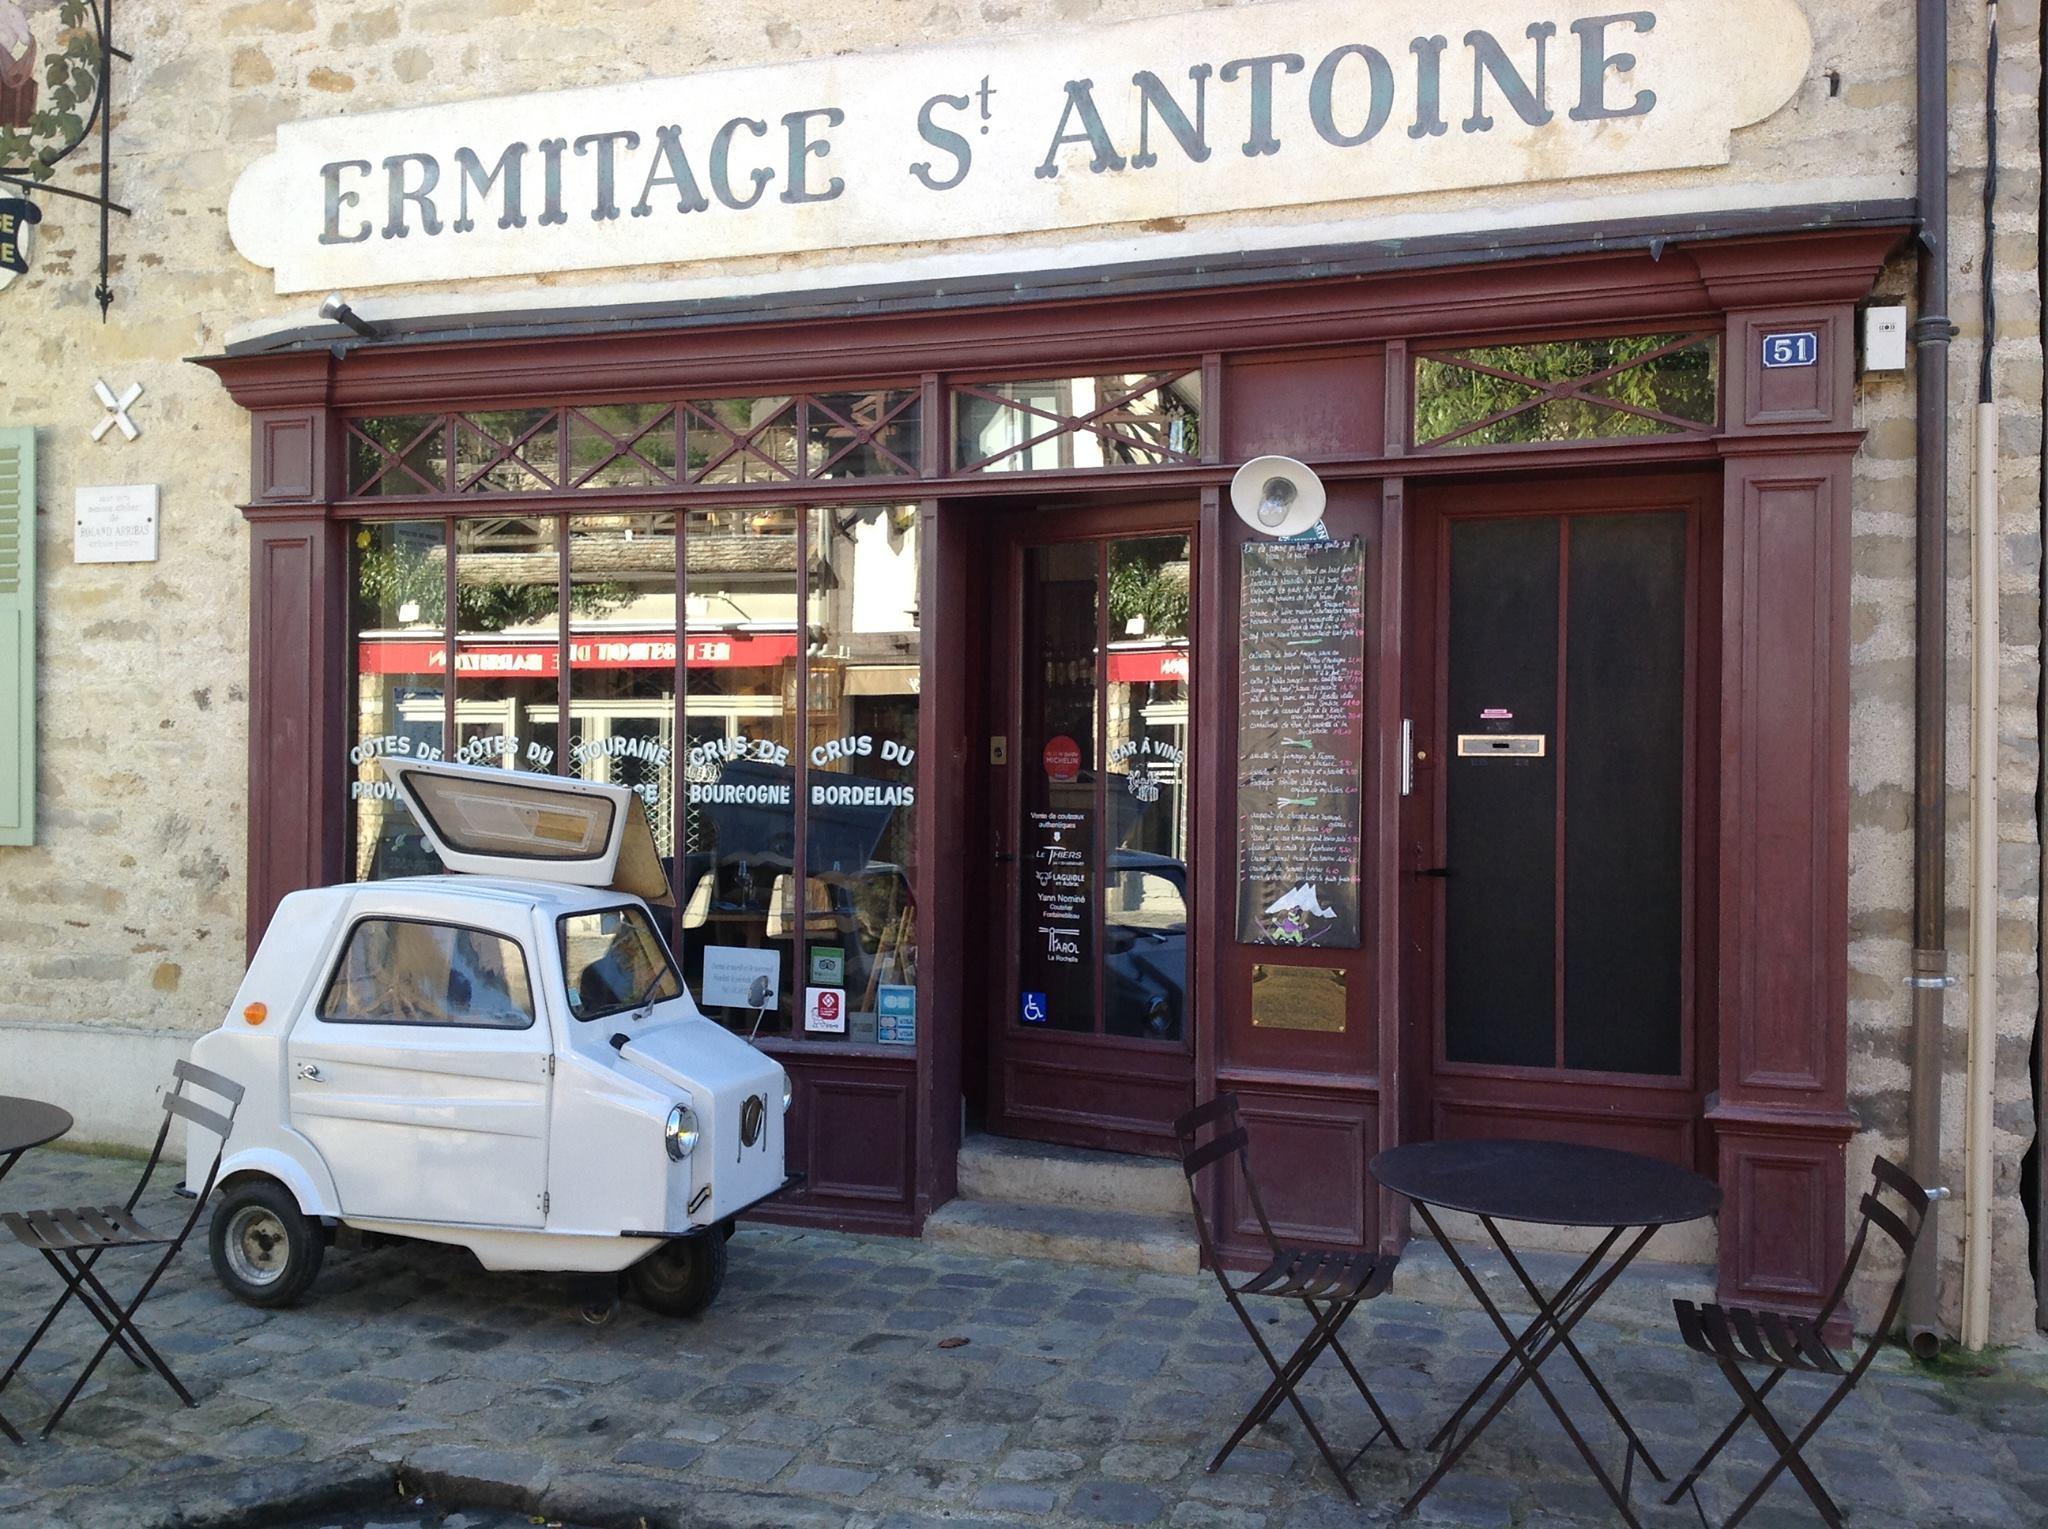 Adhérent L'ERMITAGE SAINT ANTOINE - photo #4338